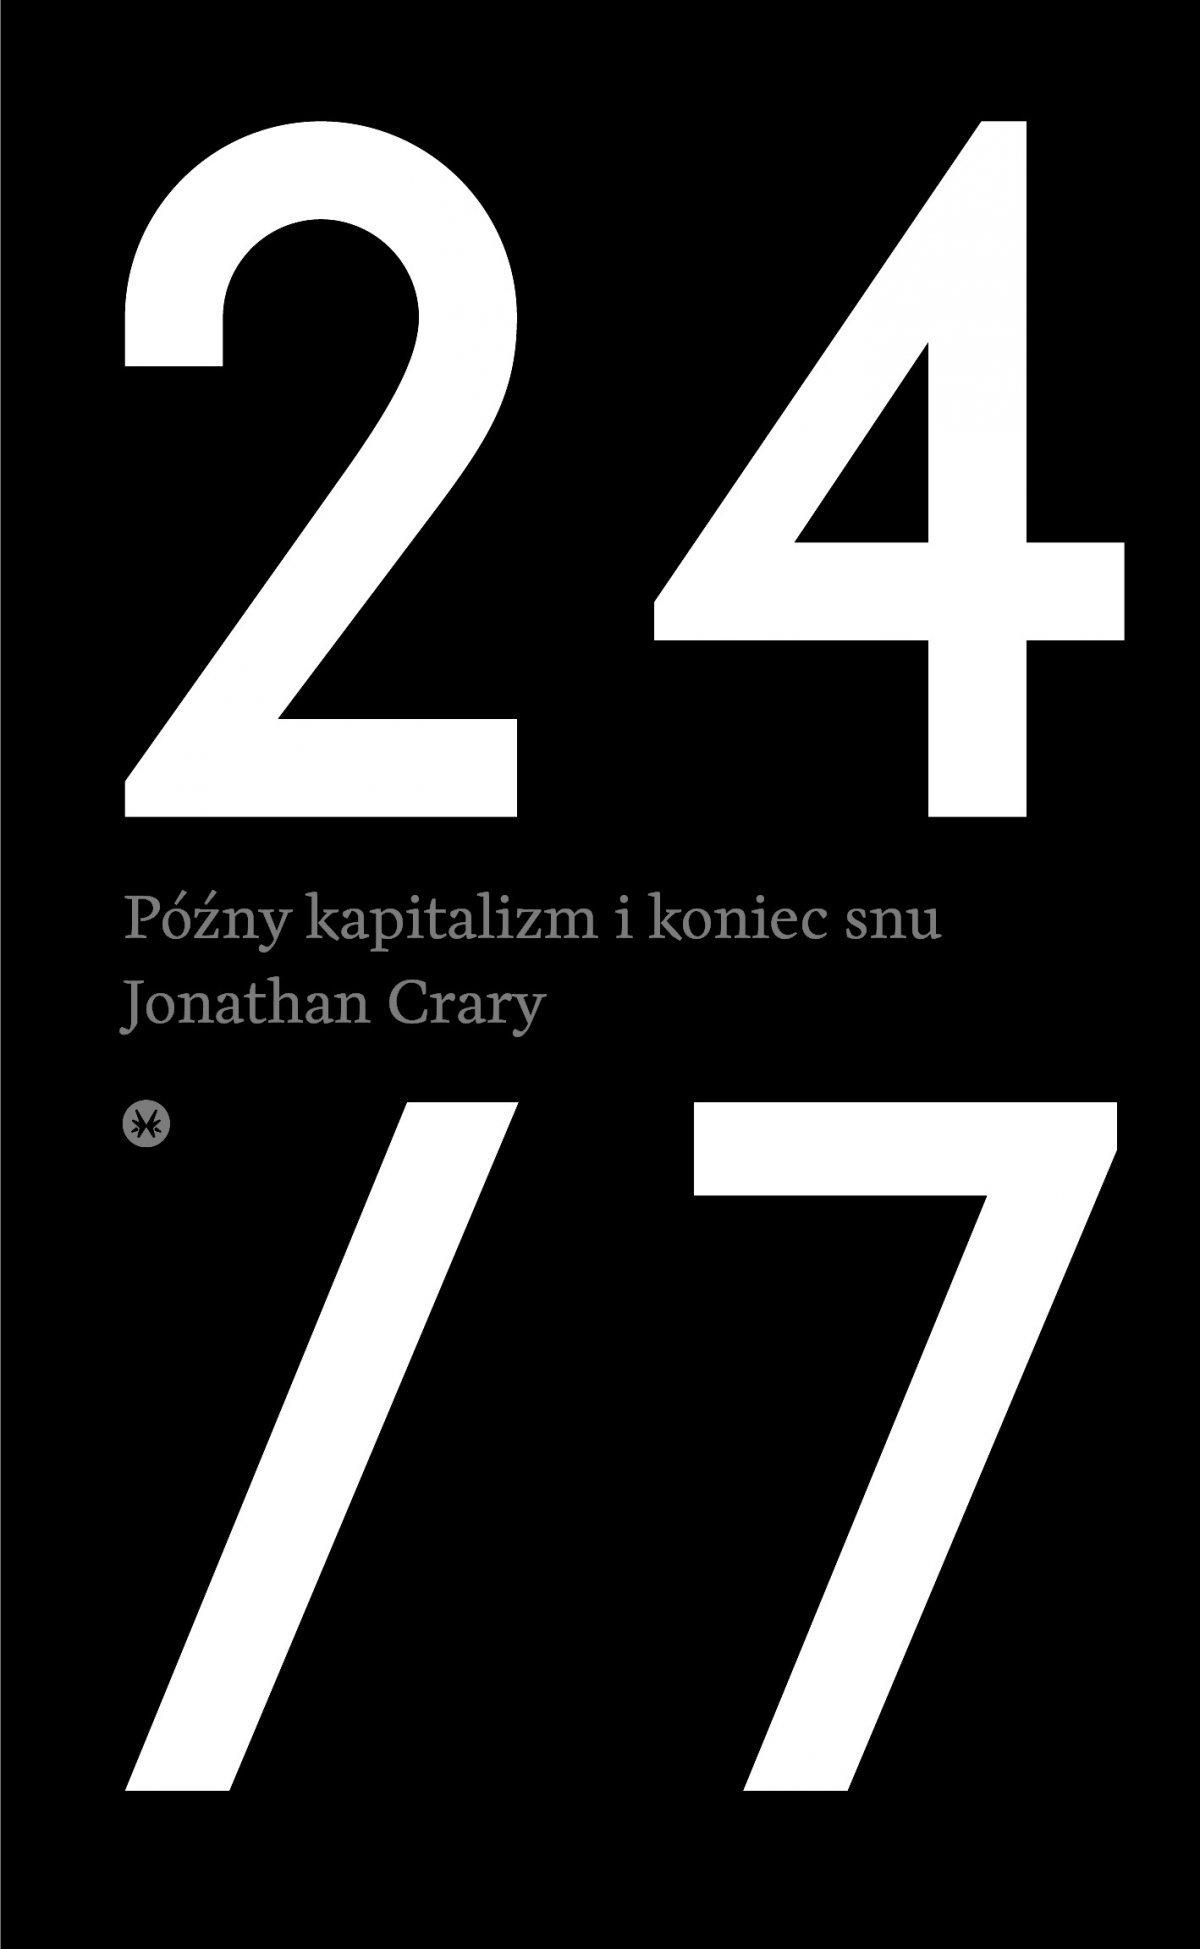 24/7. Późny kapitalizm i koniec snu - Ebook (Książka EPUB) do pobrania w formacie EPUB